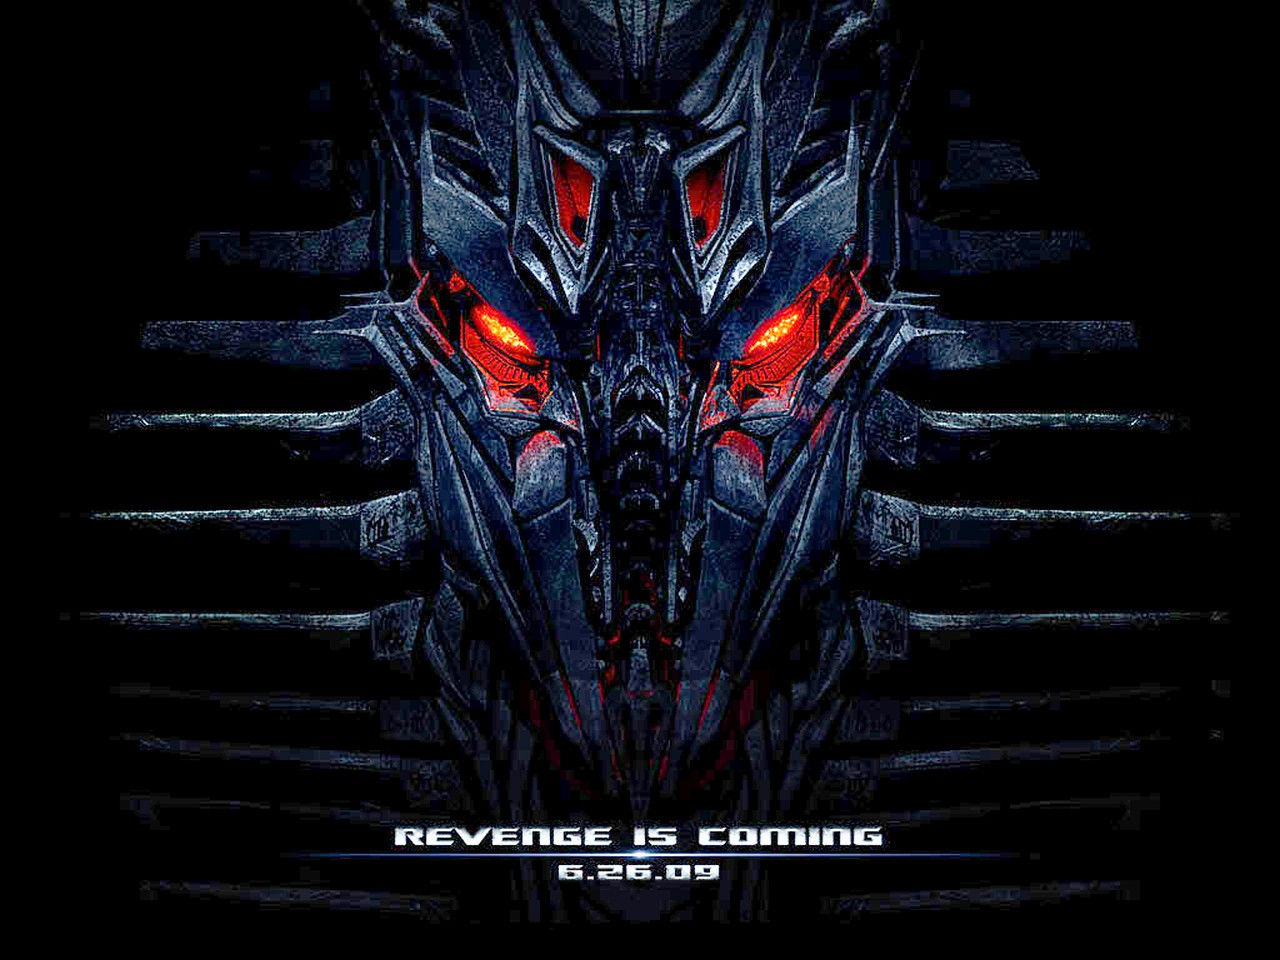 Download Transformers Movie Wallpapers ImageBankbiz 1280x960